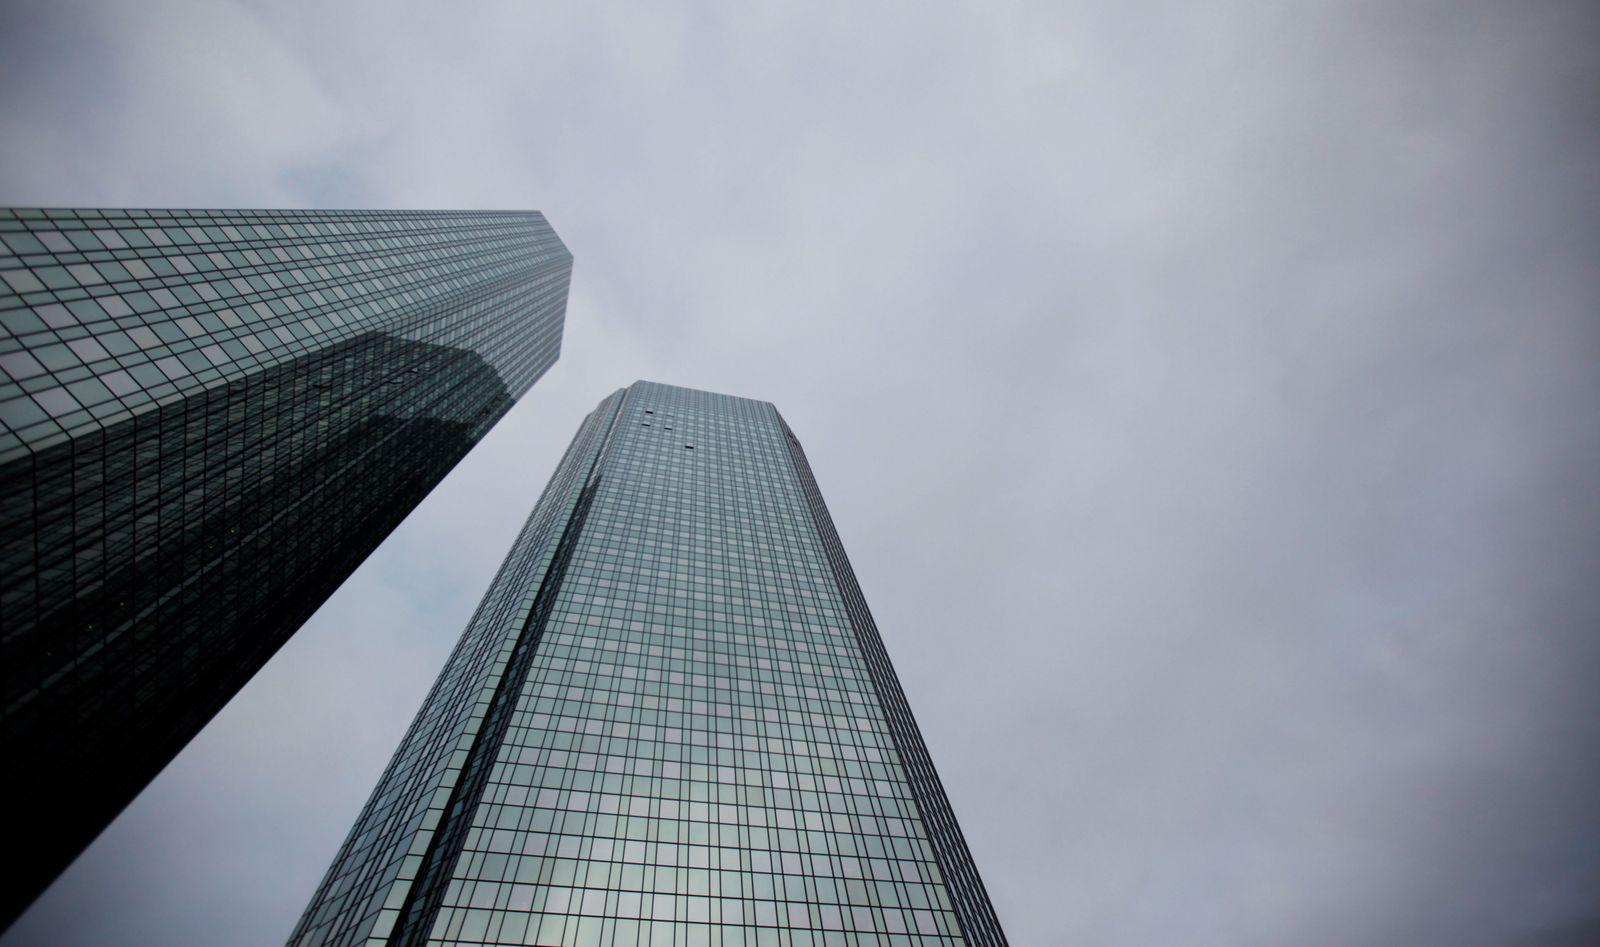 NICHT VERWENDEN Deutsche Bank / Razzia